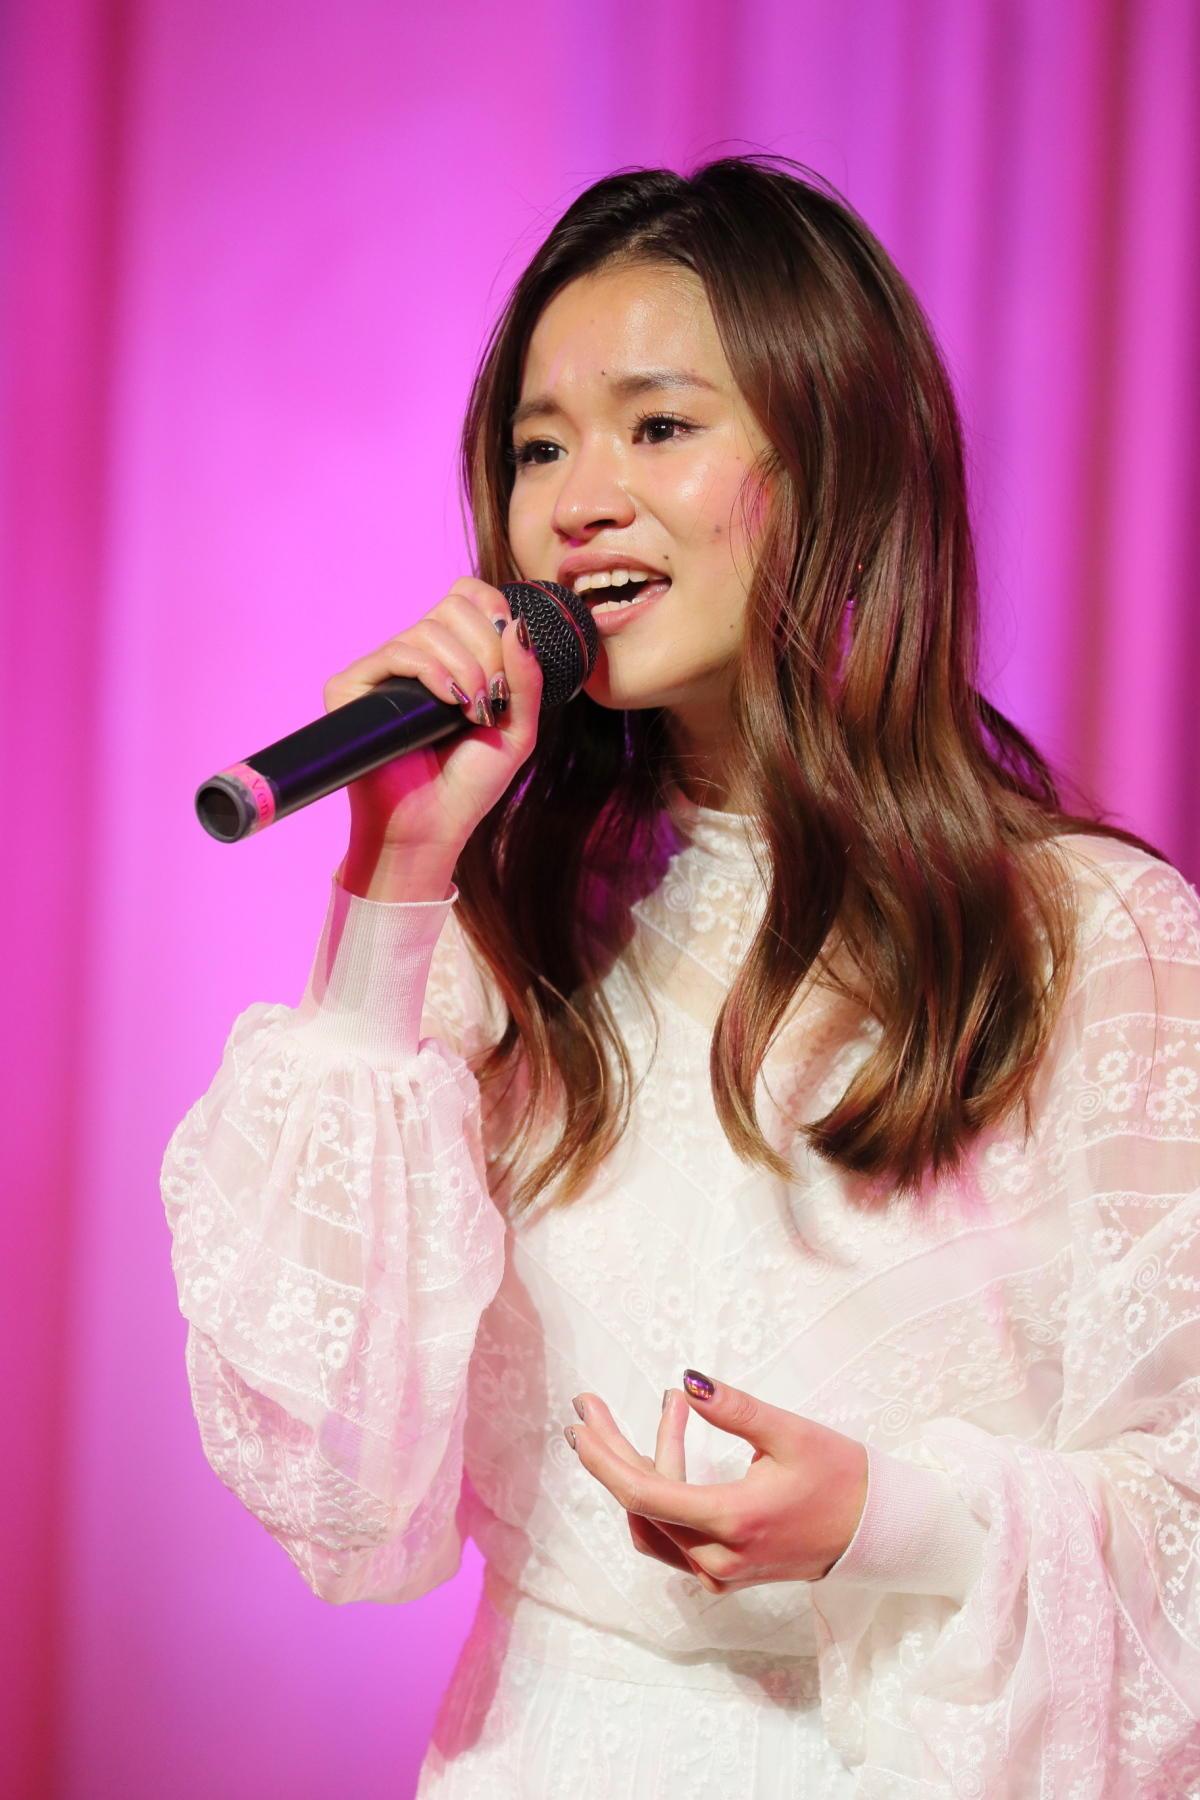 http://news.yoshimoto.co.jp/20171128234428-b4cf0d5afad790f936e97ef3027af751c53e3e8a.jpg